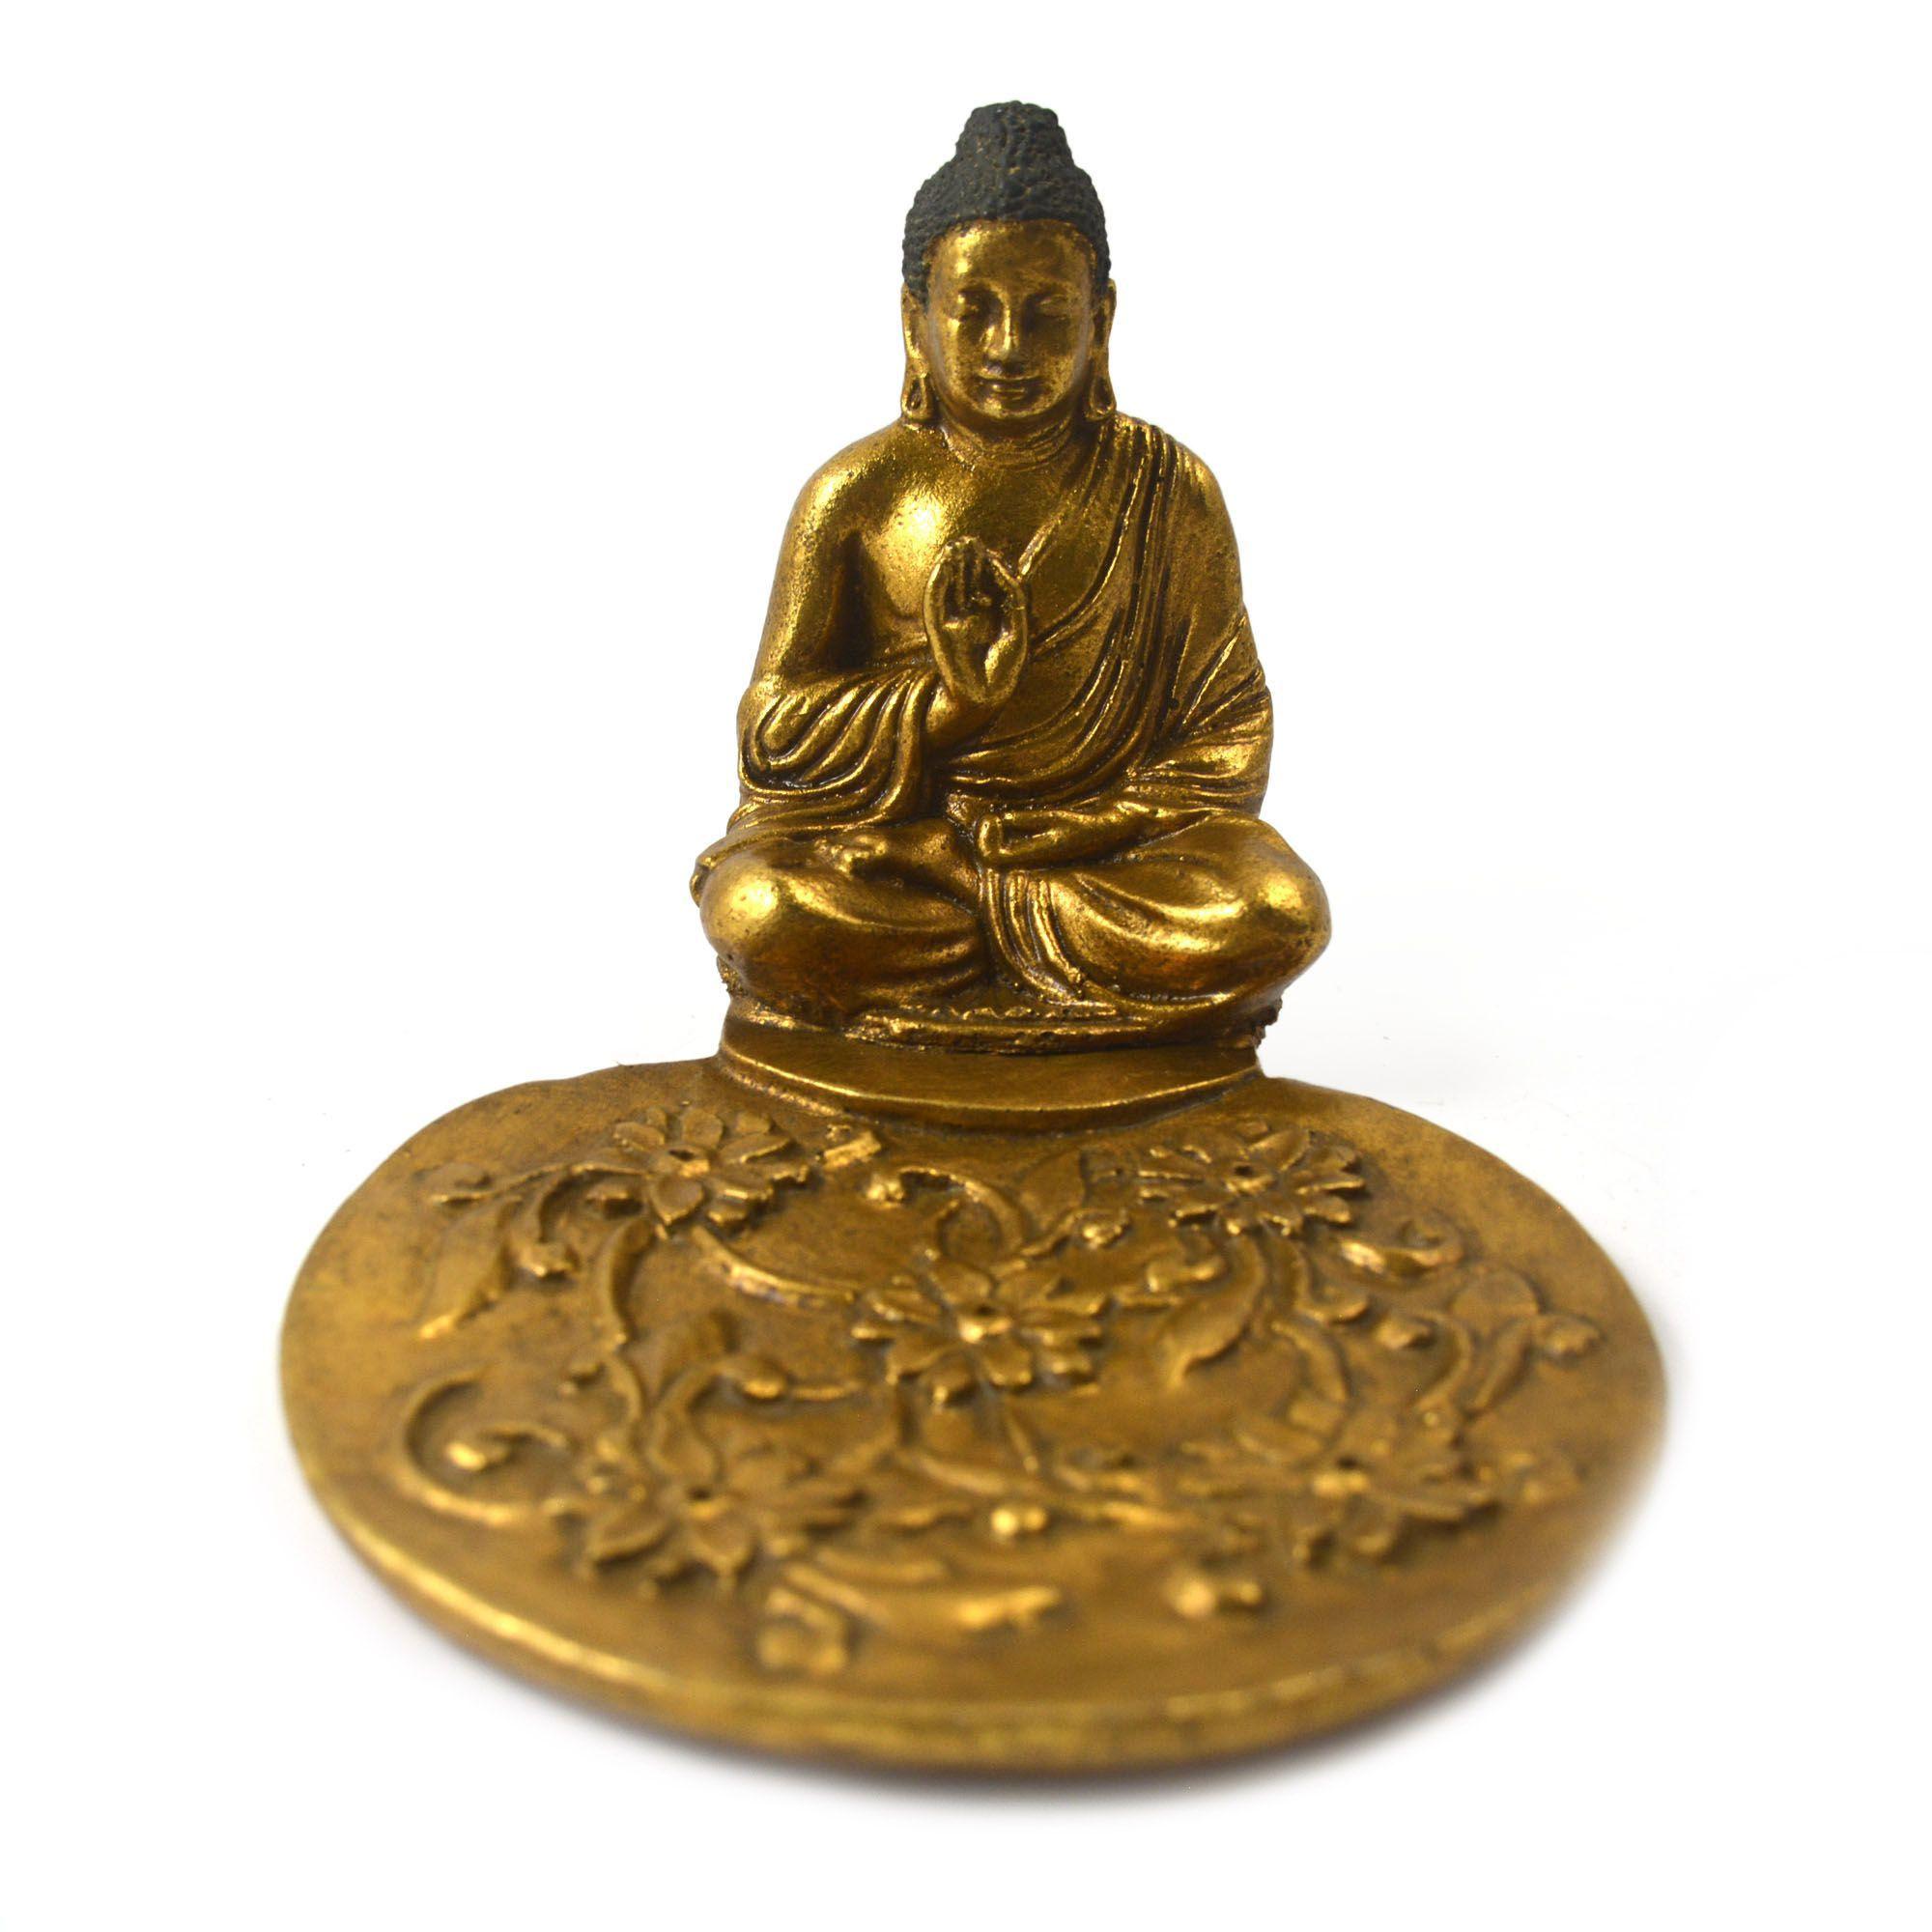 Porta Incensos Buda Sidartha Meditando em Resina Dourada e Trama Floral